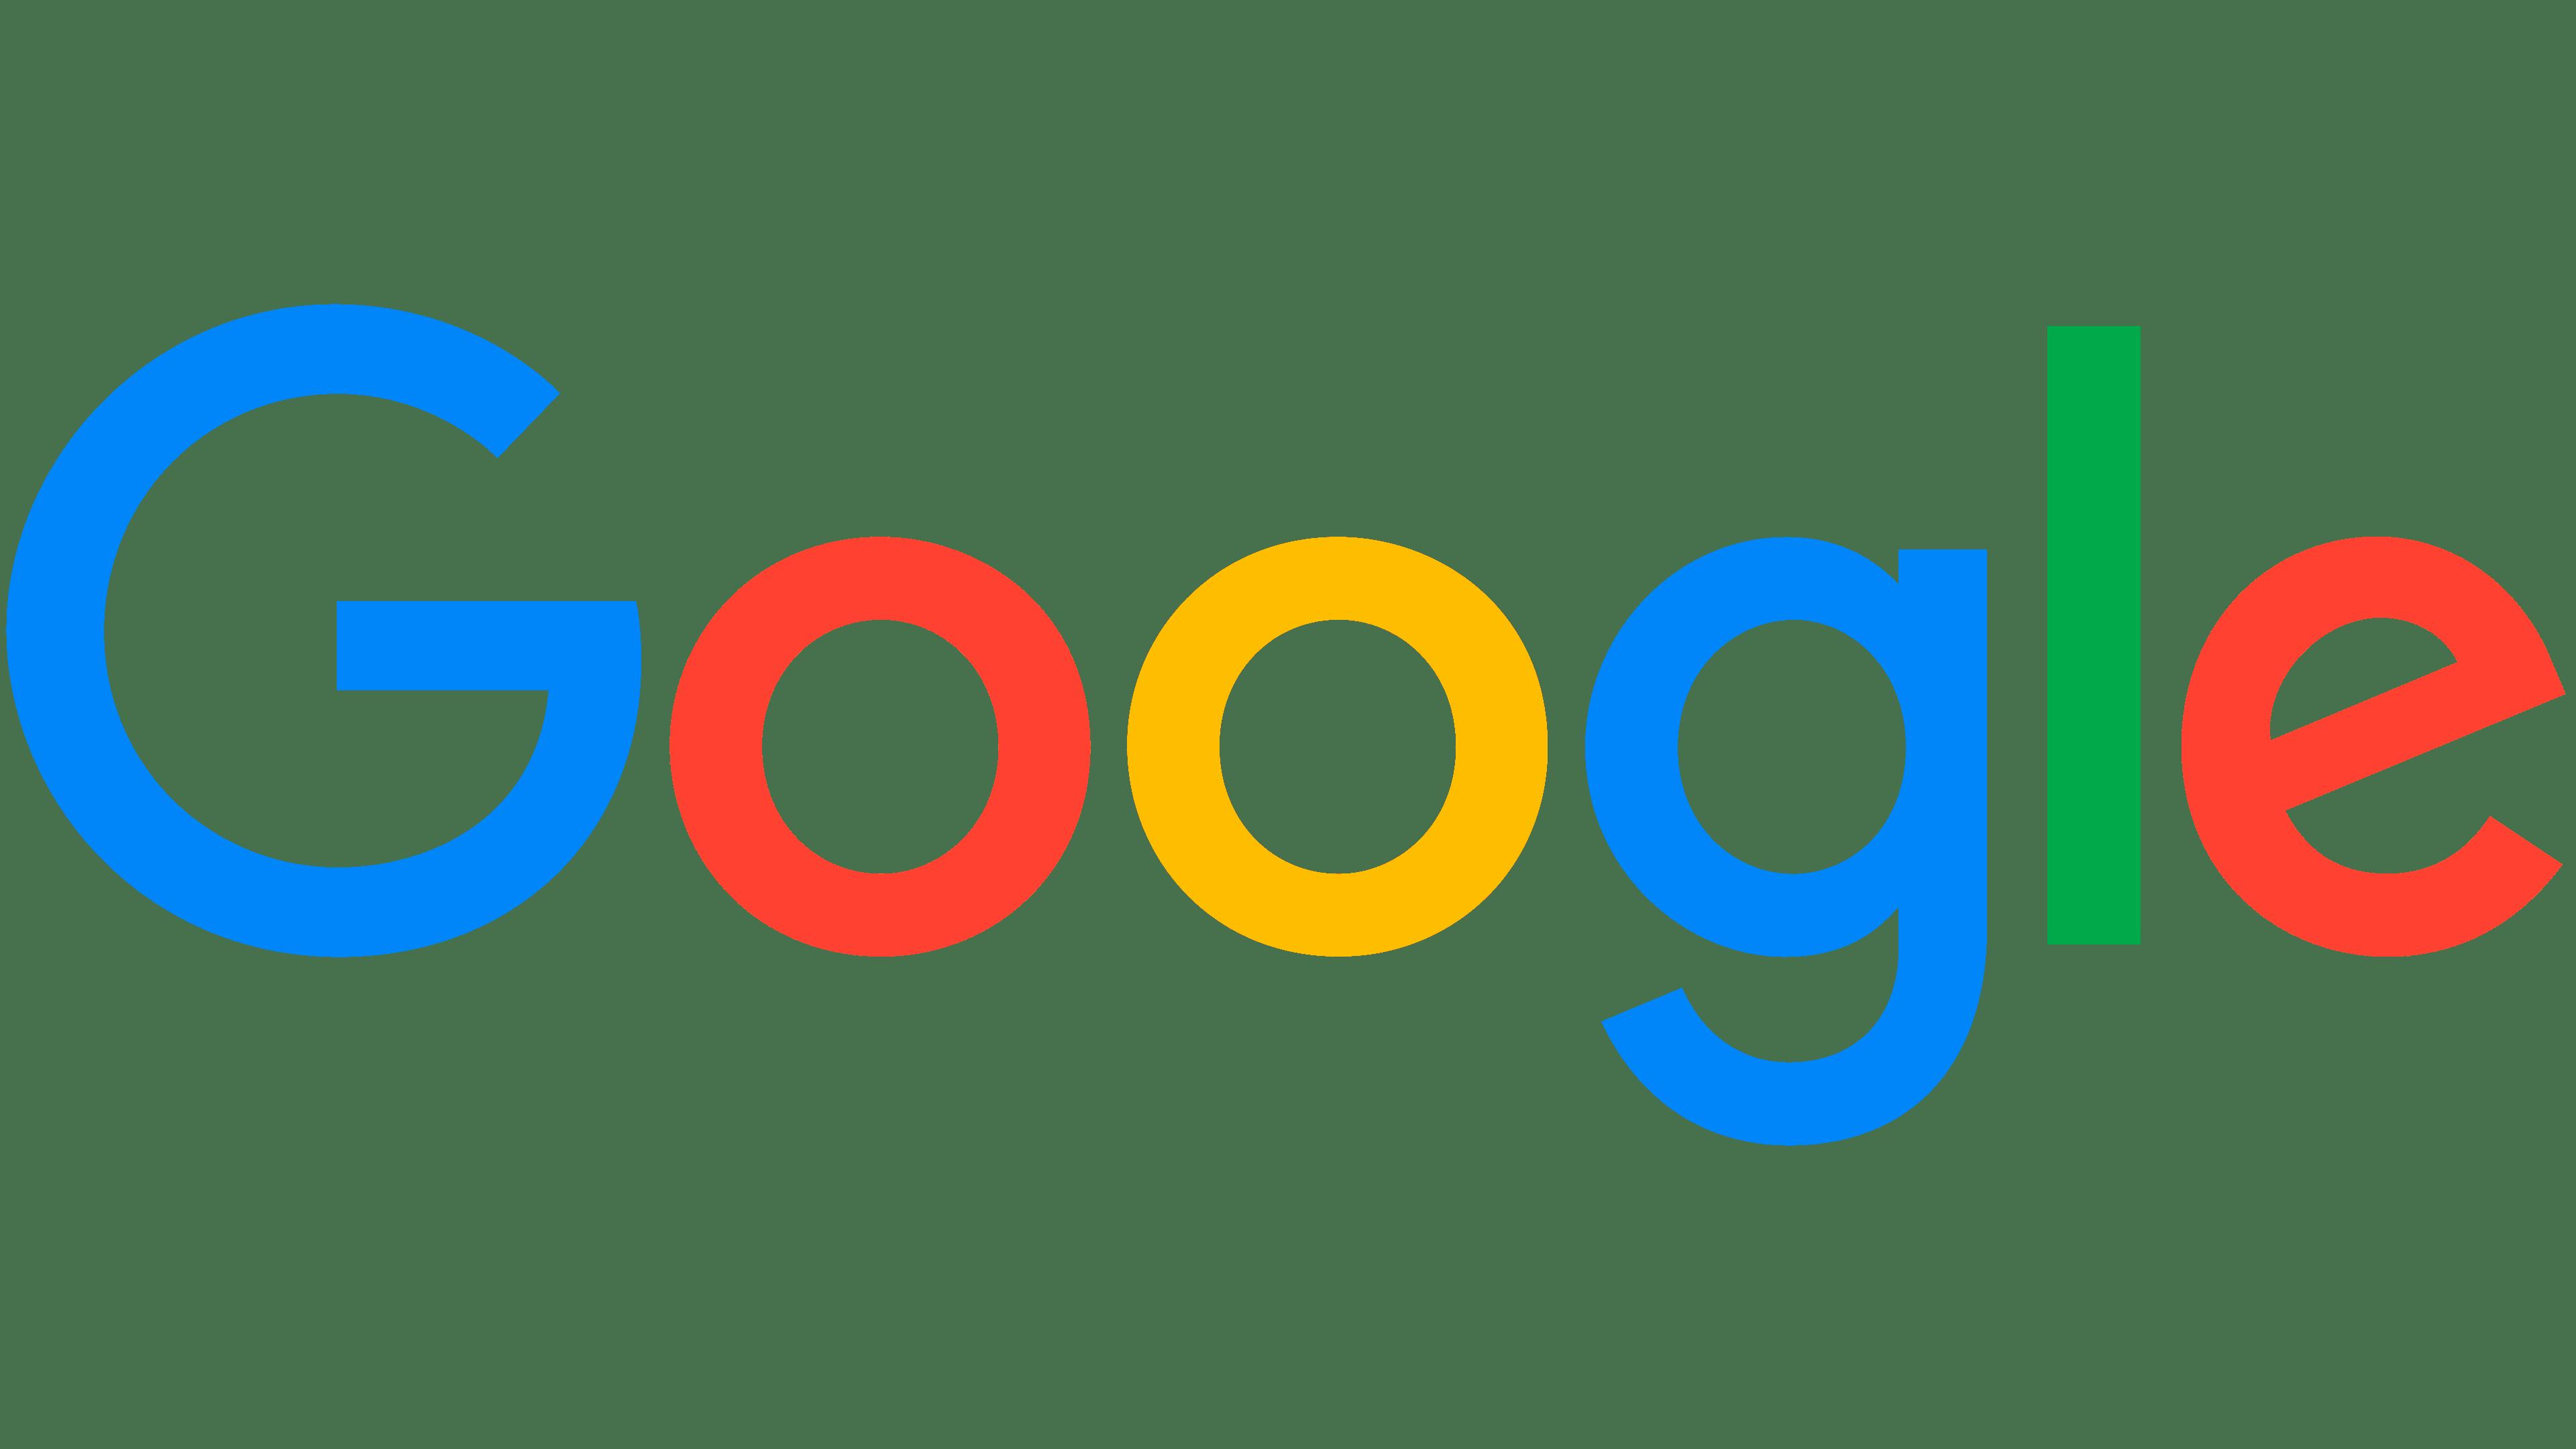 Google infolinia | Telefon, informacje dodatkowe, adres, kontakt, numer